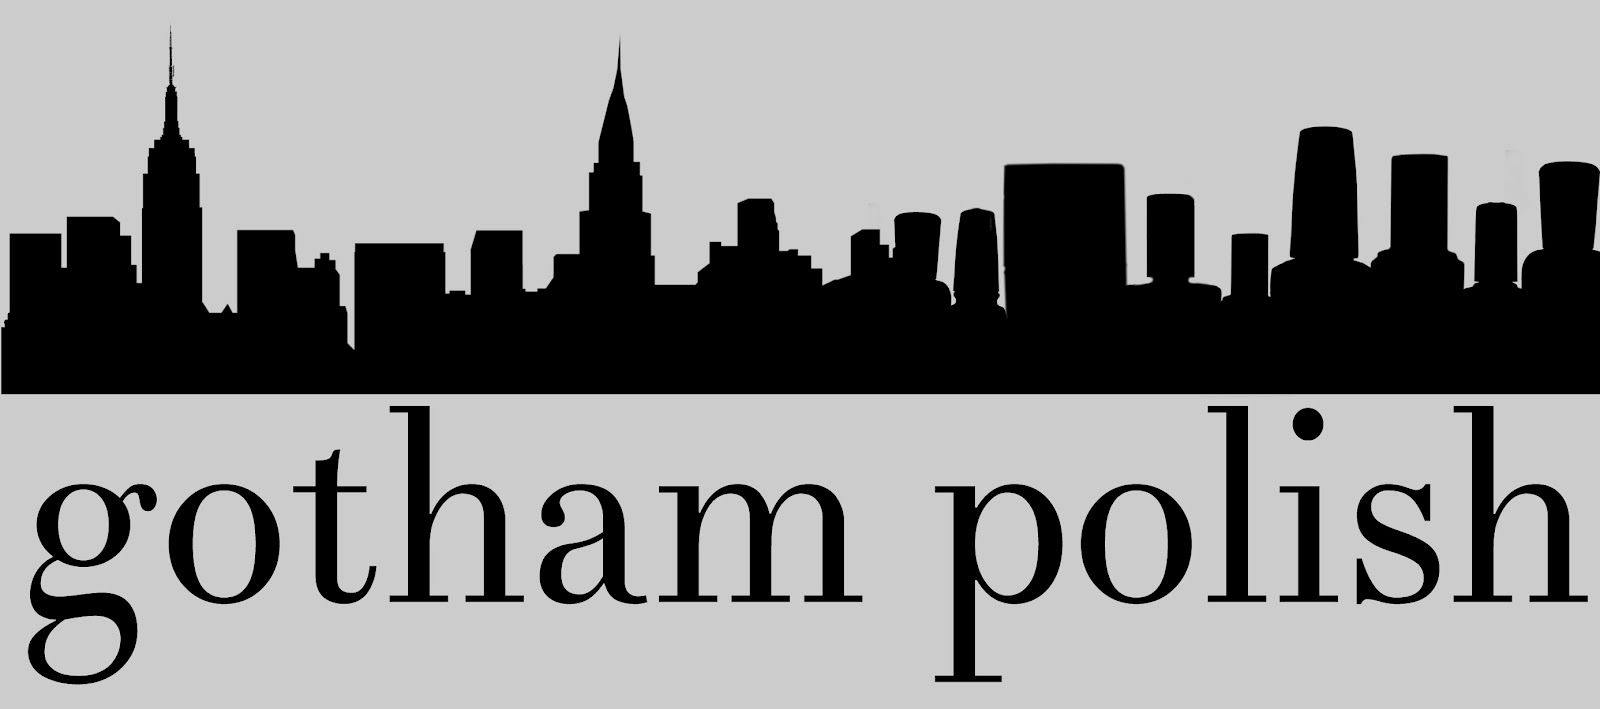 Pin By Rykoszetka On Cake Trifle And Brownies City Skyline Silhouette Gotham City Skyline Skyline Tattoo